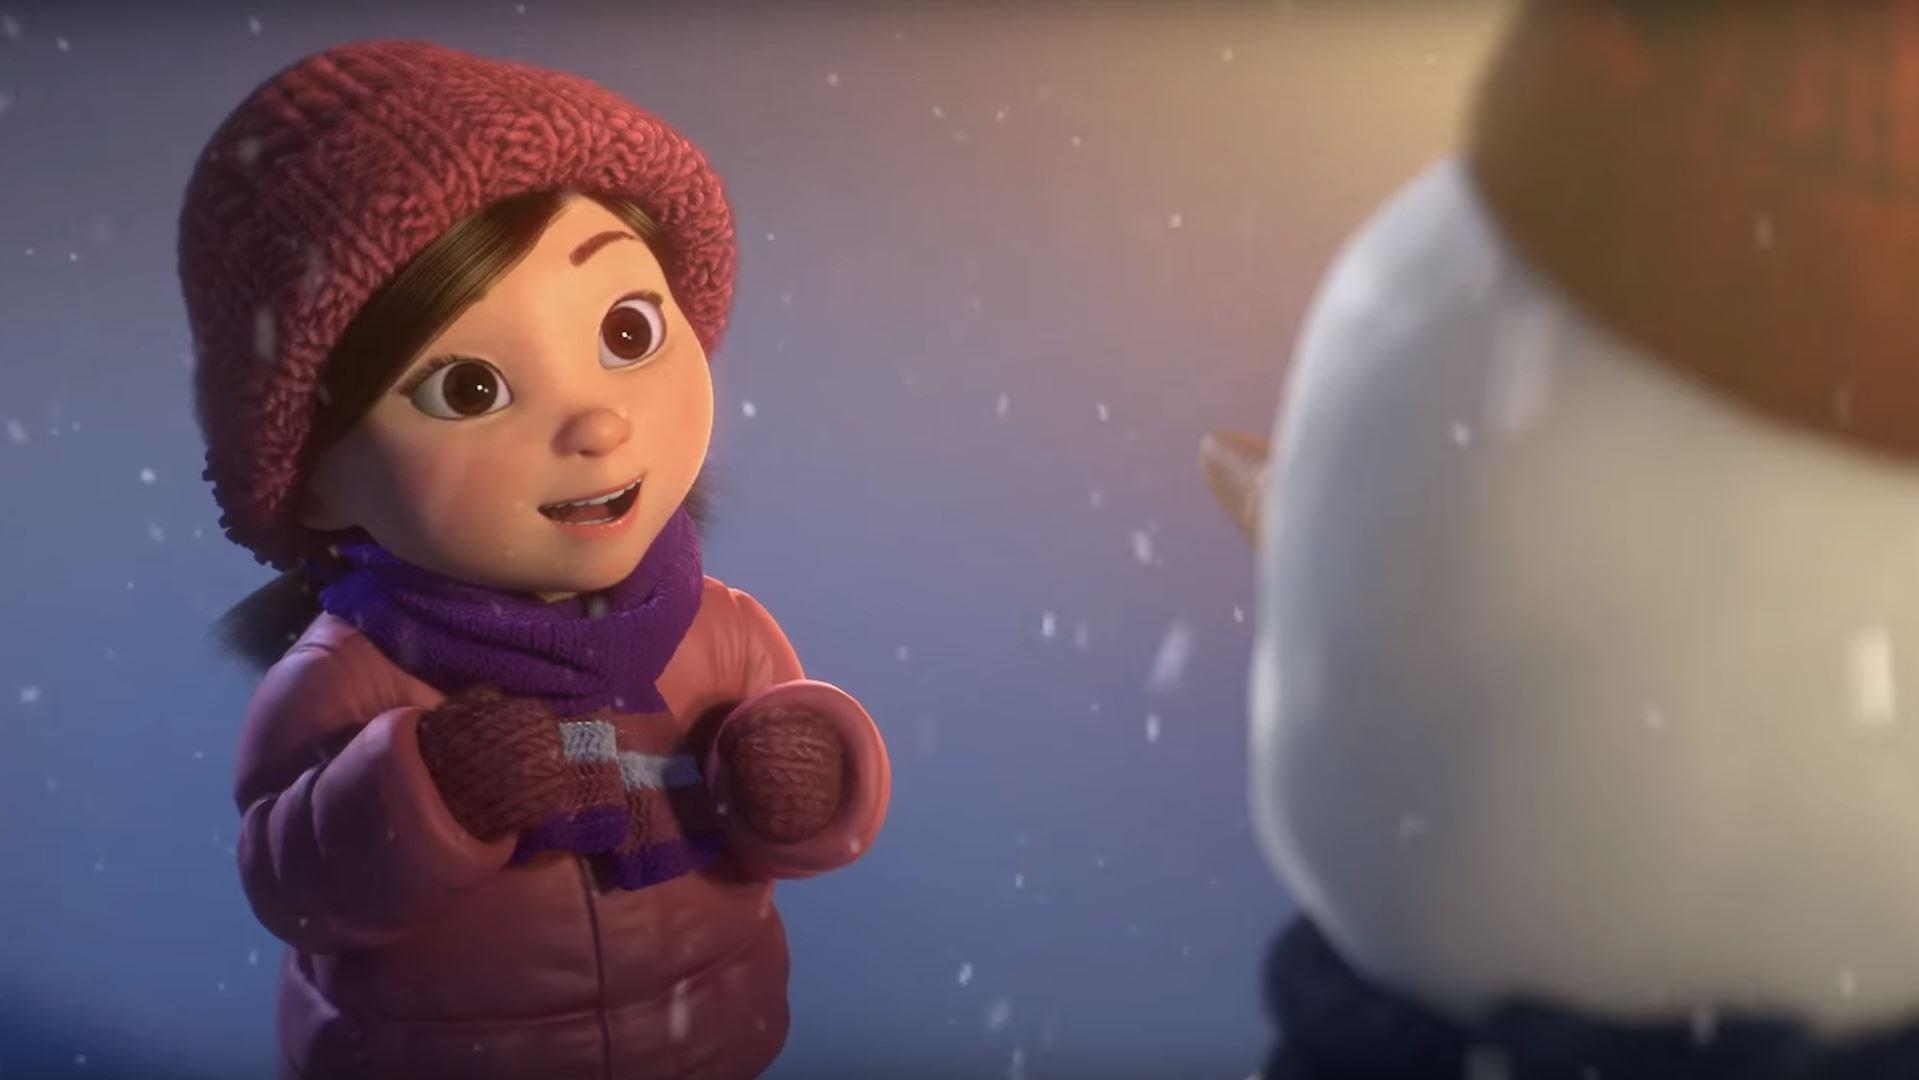 感動ショートアニメ「リリーと雪だるま」がウルっとくる